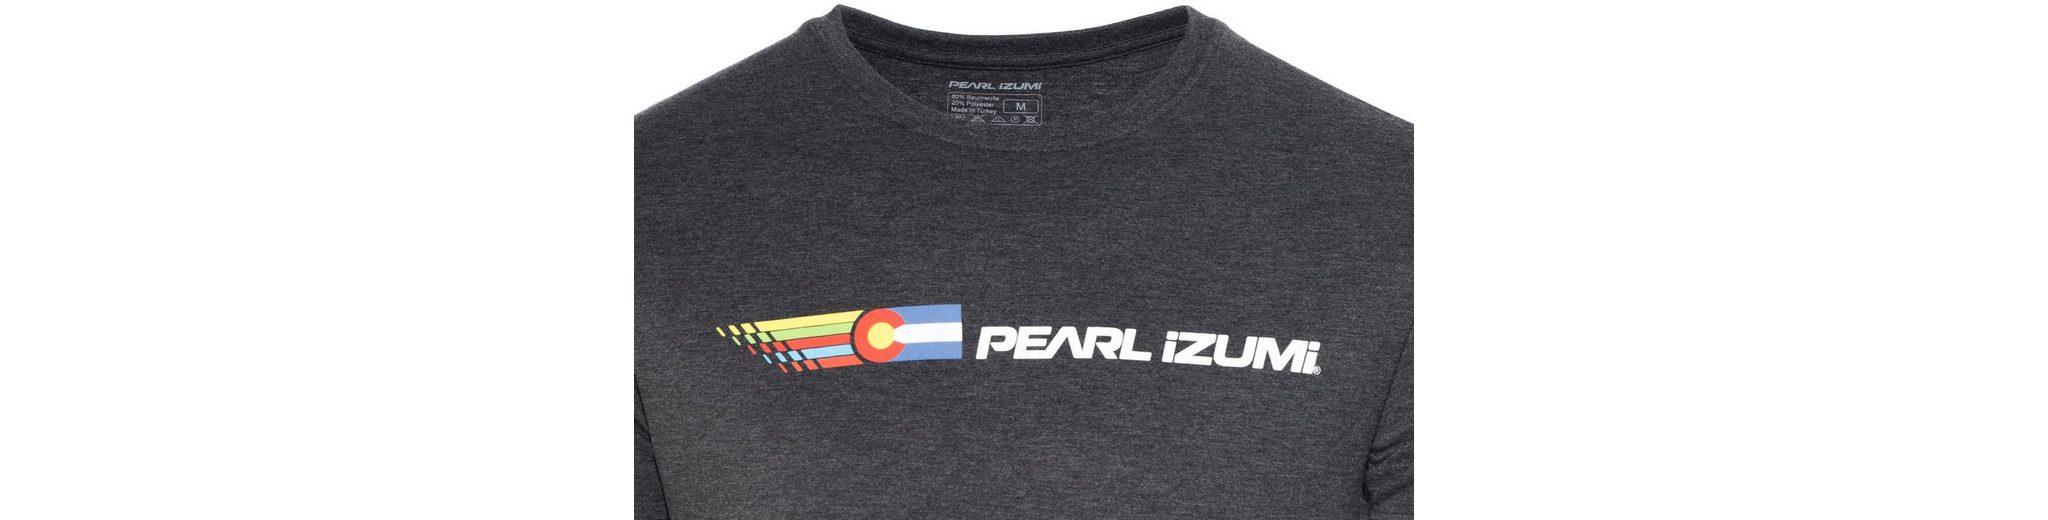 Großer Verkauf Pearl Izumi T-Shirt Promo T-Shirt Men Rabatt Neue Ankunft Spielraum Manchester 1FyXtKqdXQ